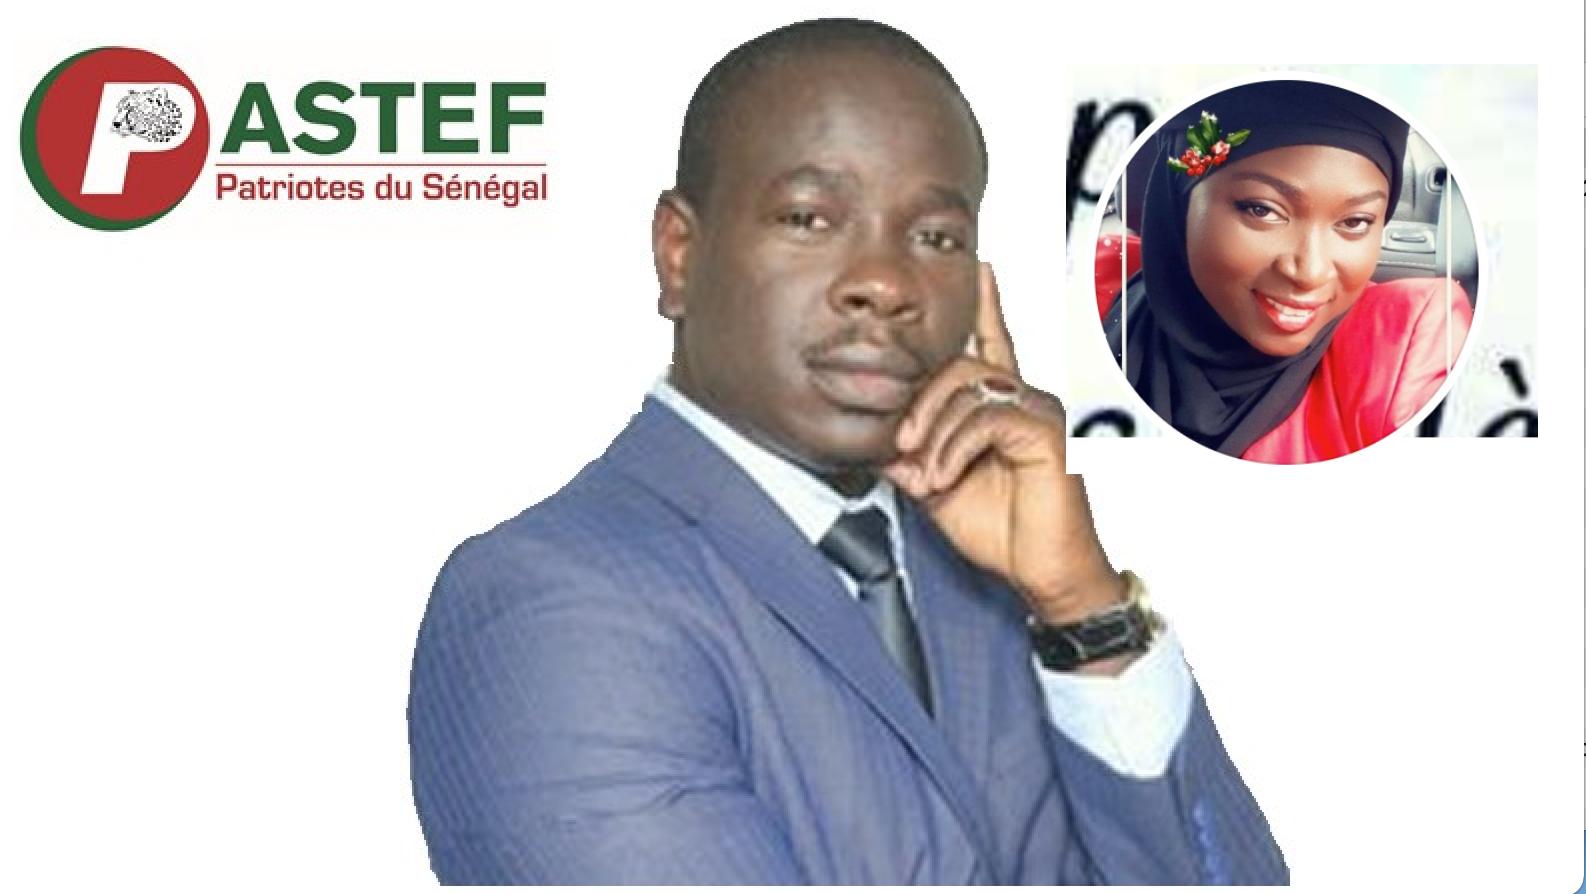 Recherché dans l'affaire de l'arrestation de sa femme : Biram Soulèye Diop reste introuvable et injoignable ce matin...